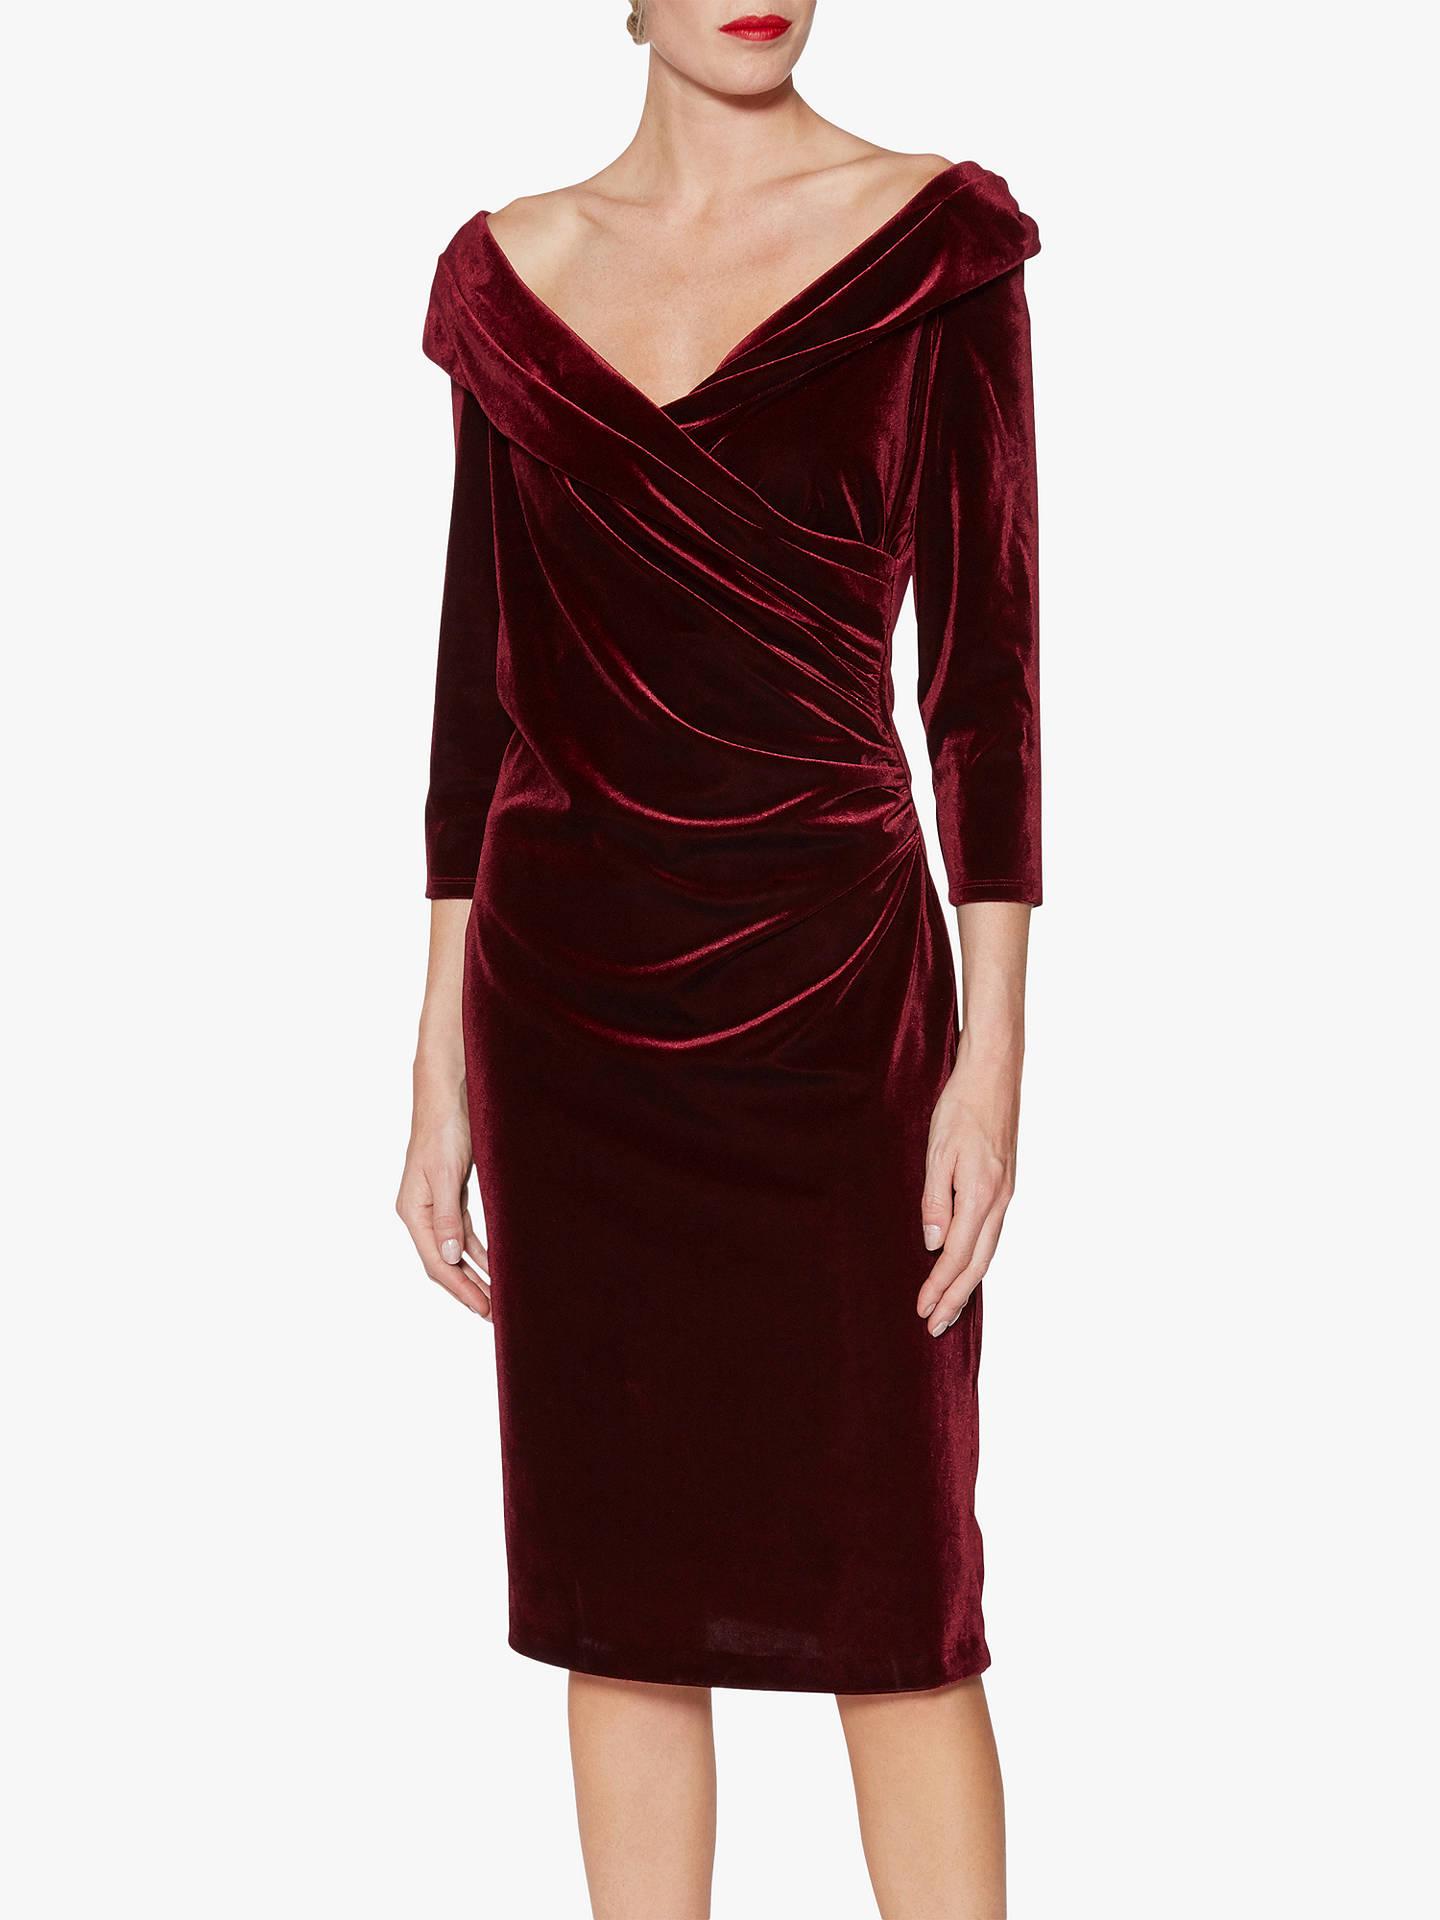 Gina Bacconi Bridget Velvet Midi Dress at John Lewis   Partners 6abf26bc9